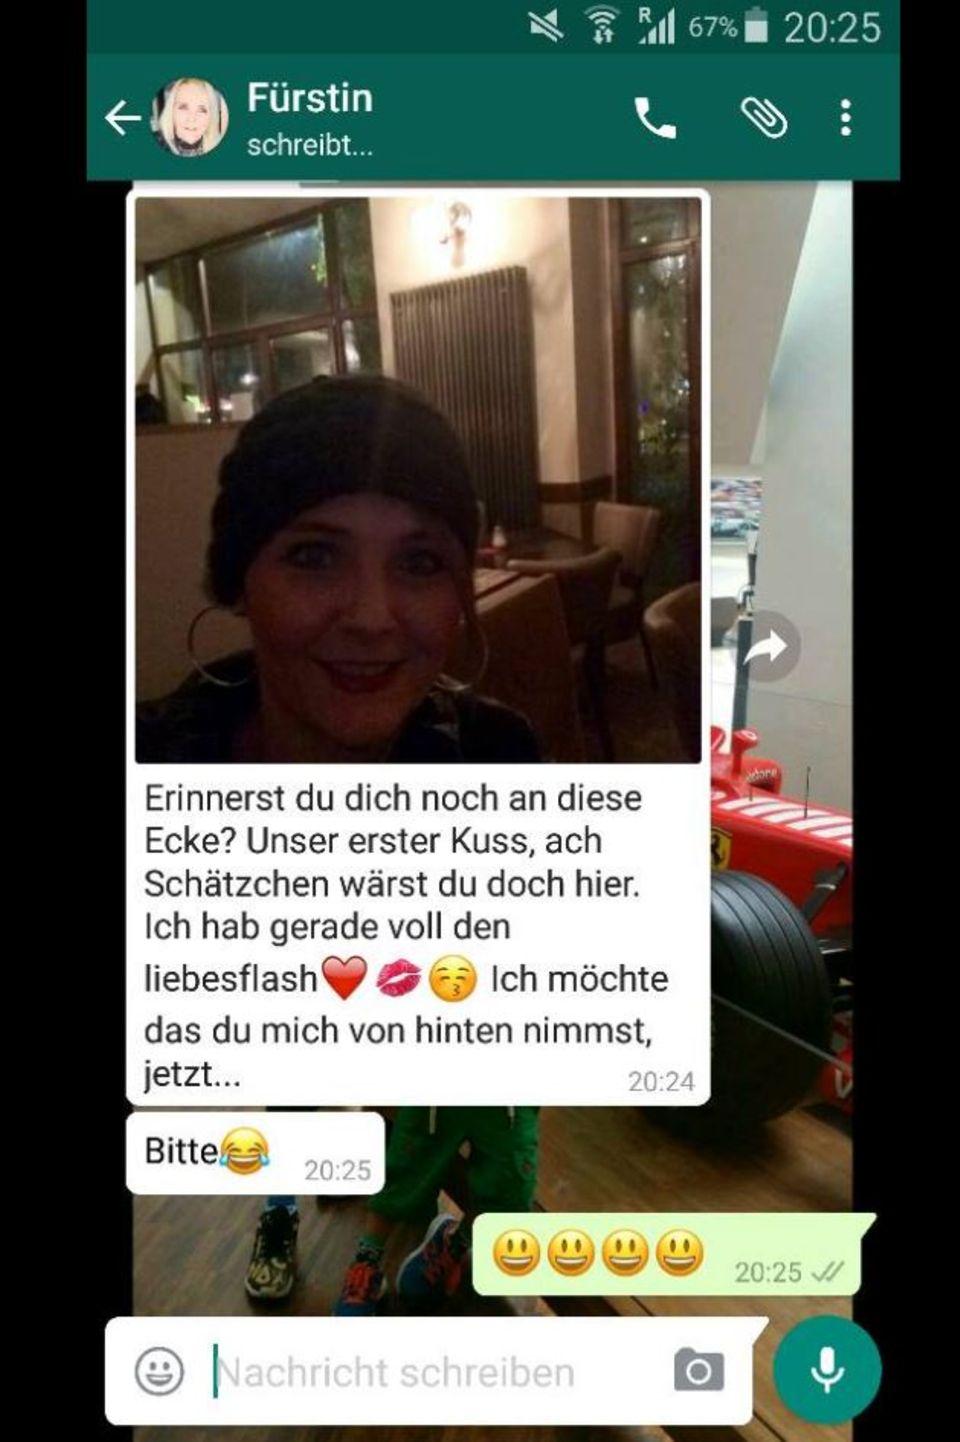 Eine WhatsApp-Nachricht von Helena Fürst an Ennesto Montè